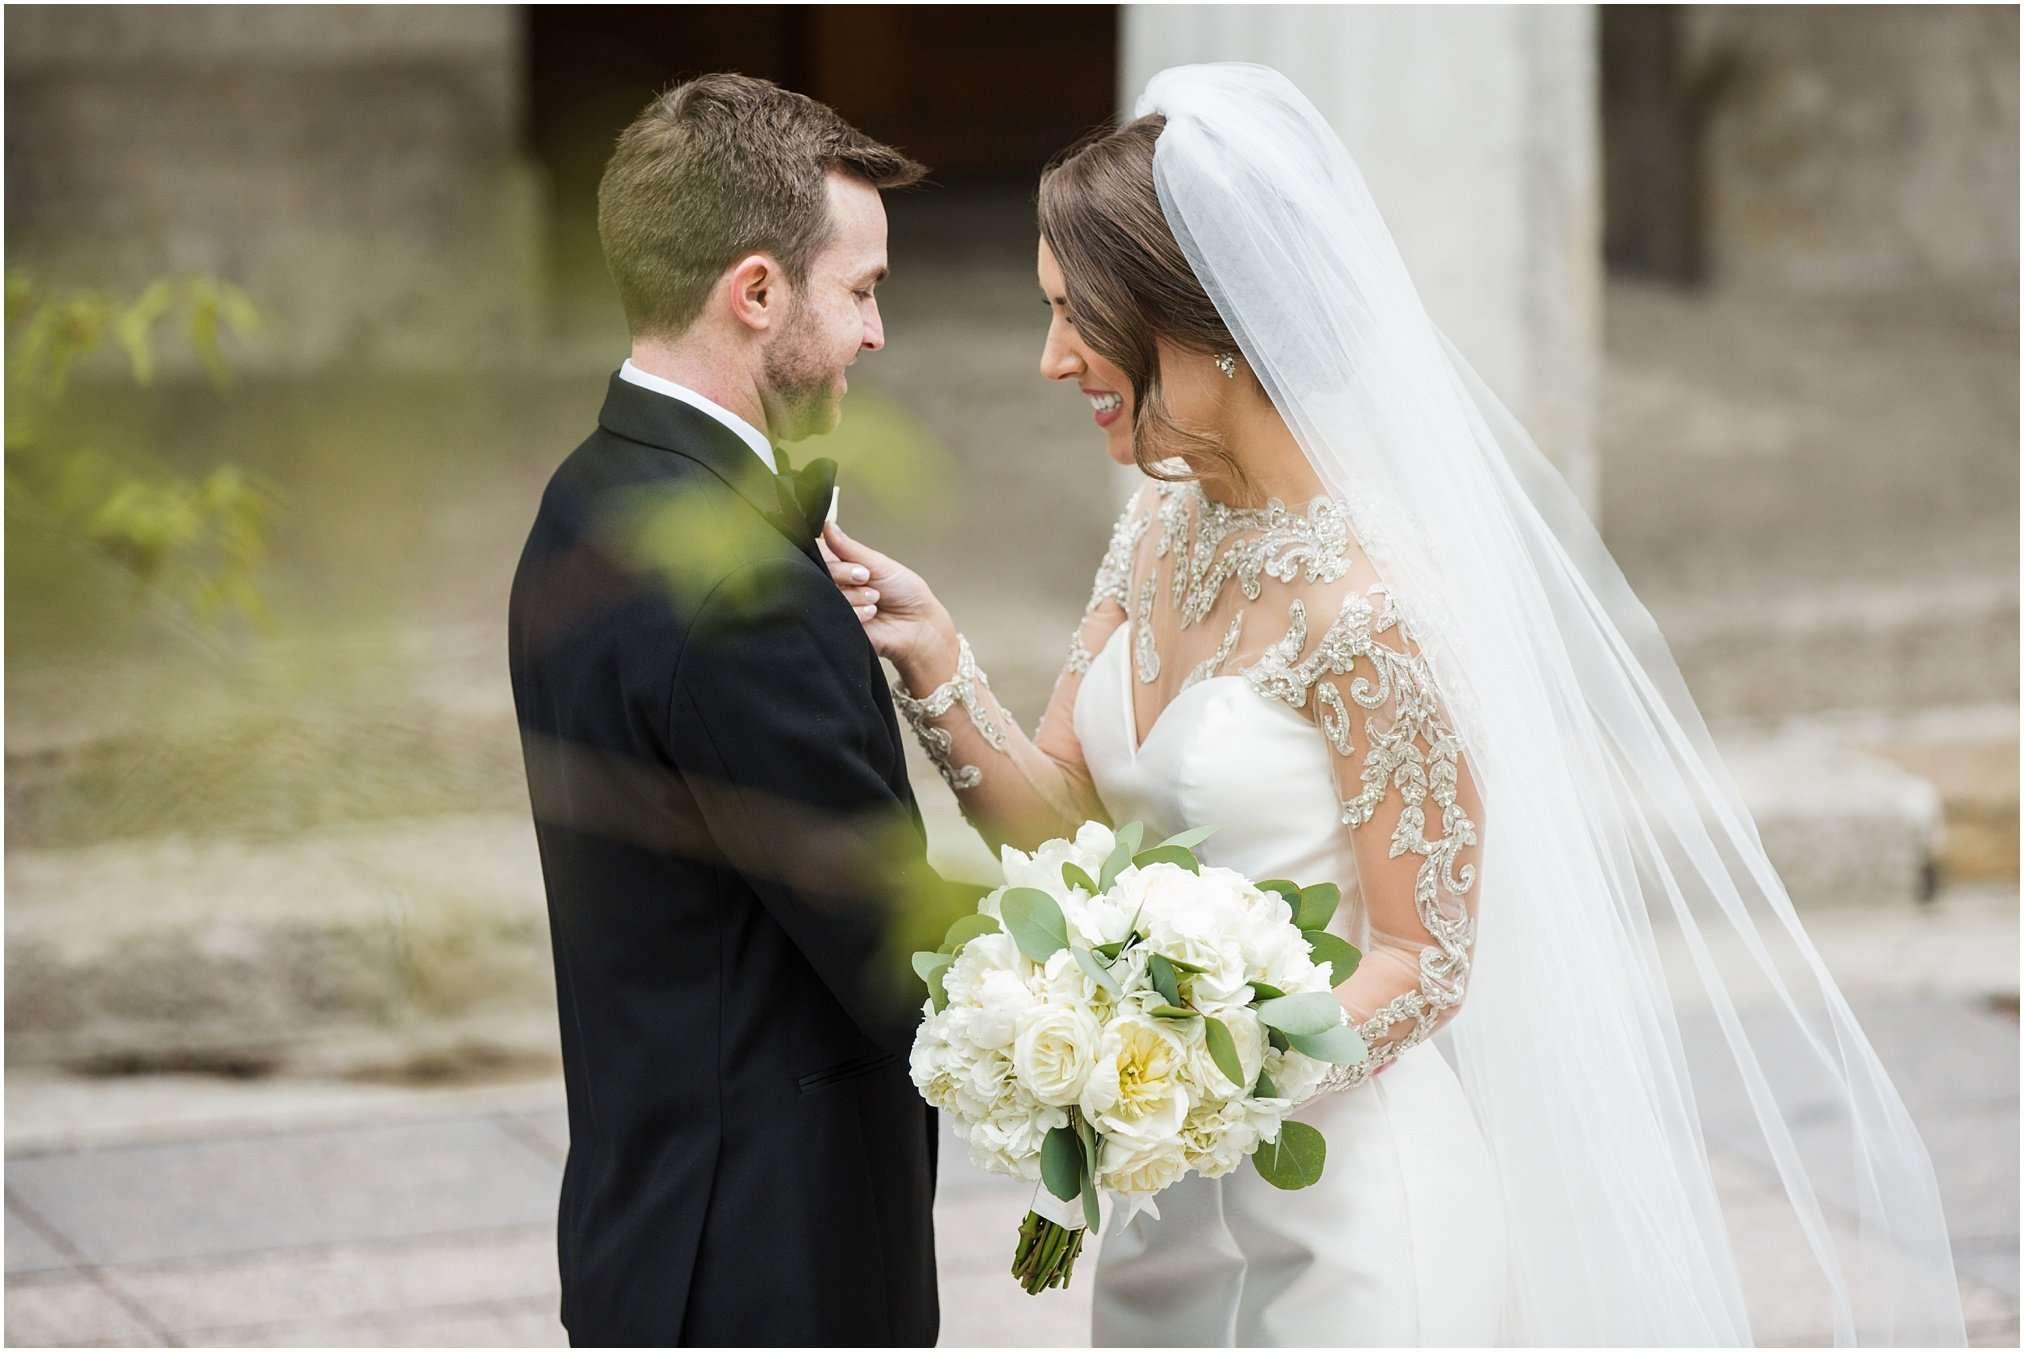 Spring Wedding at the Ohio Statehouse | Columbus Ohio Photography 36